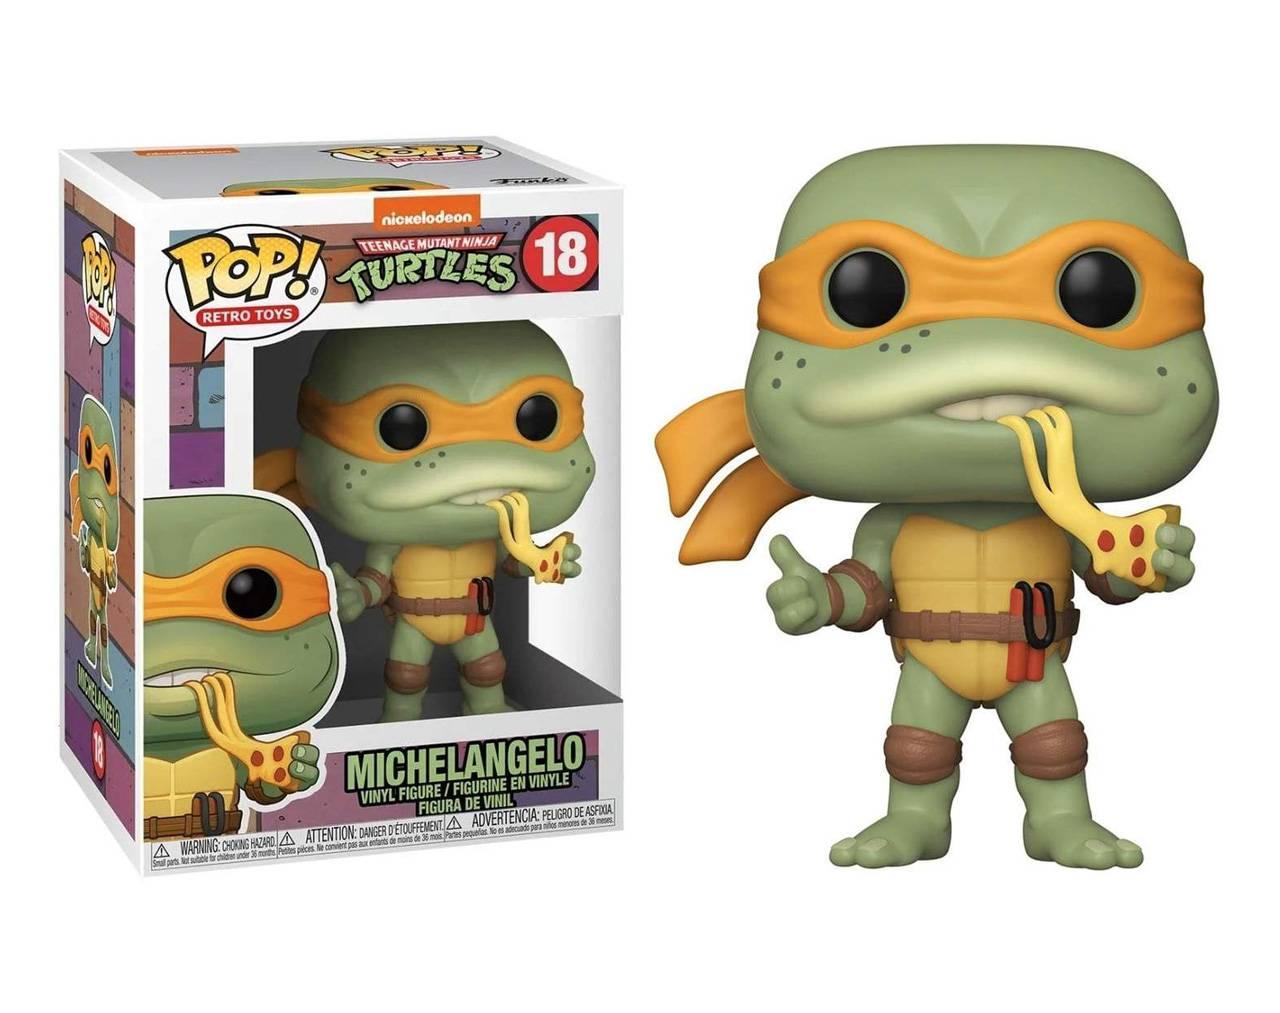 Michelangelo Pop! Vinyl